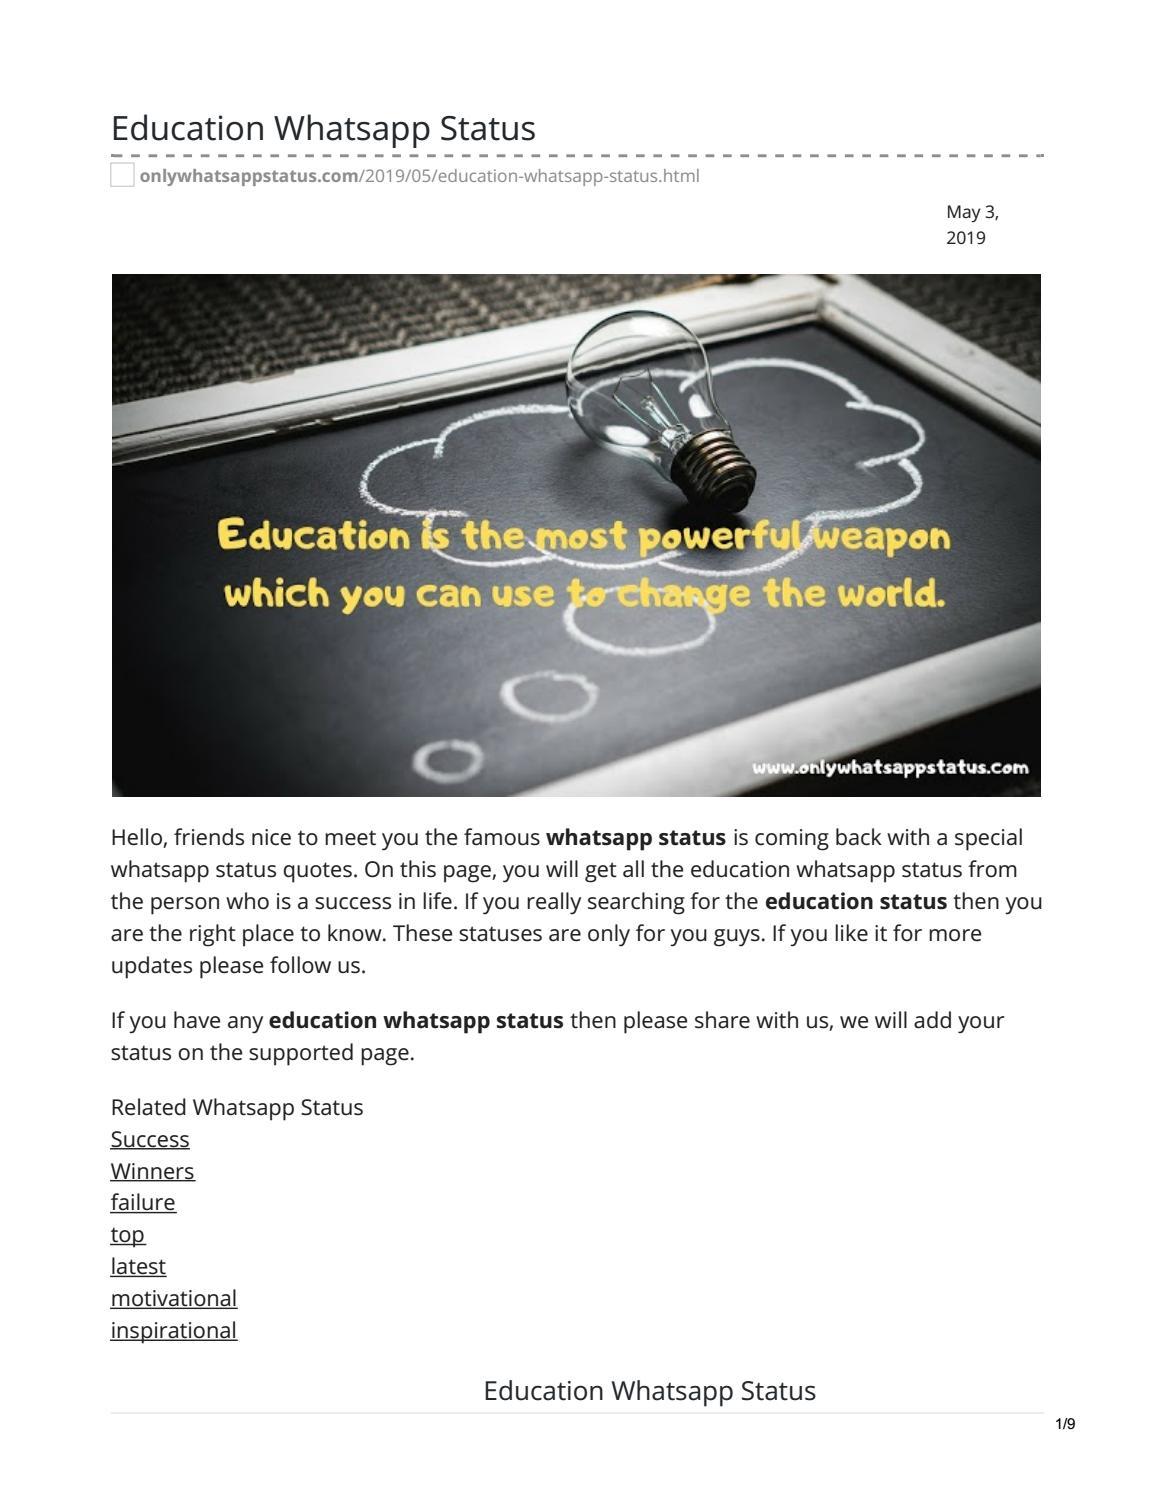 Education Whatsapp Status By Whatsappstatus Issuu